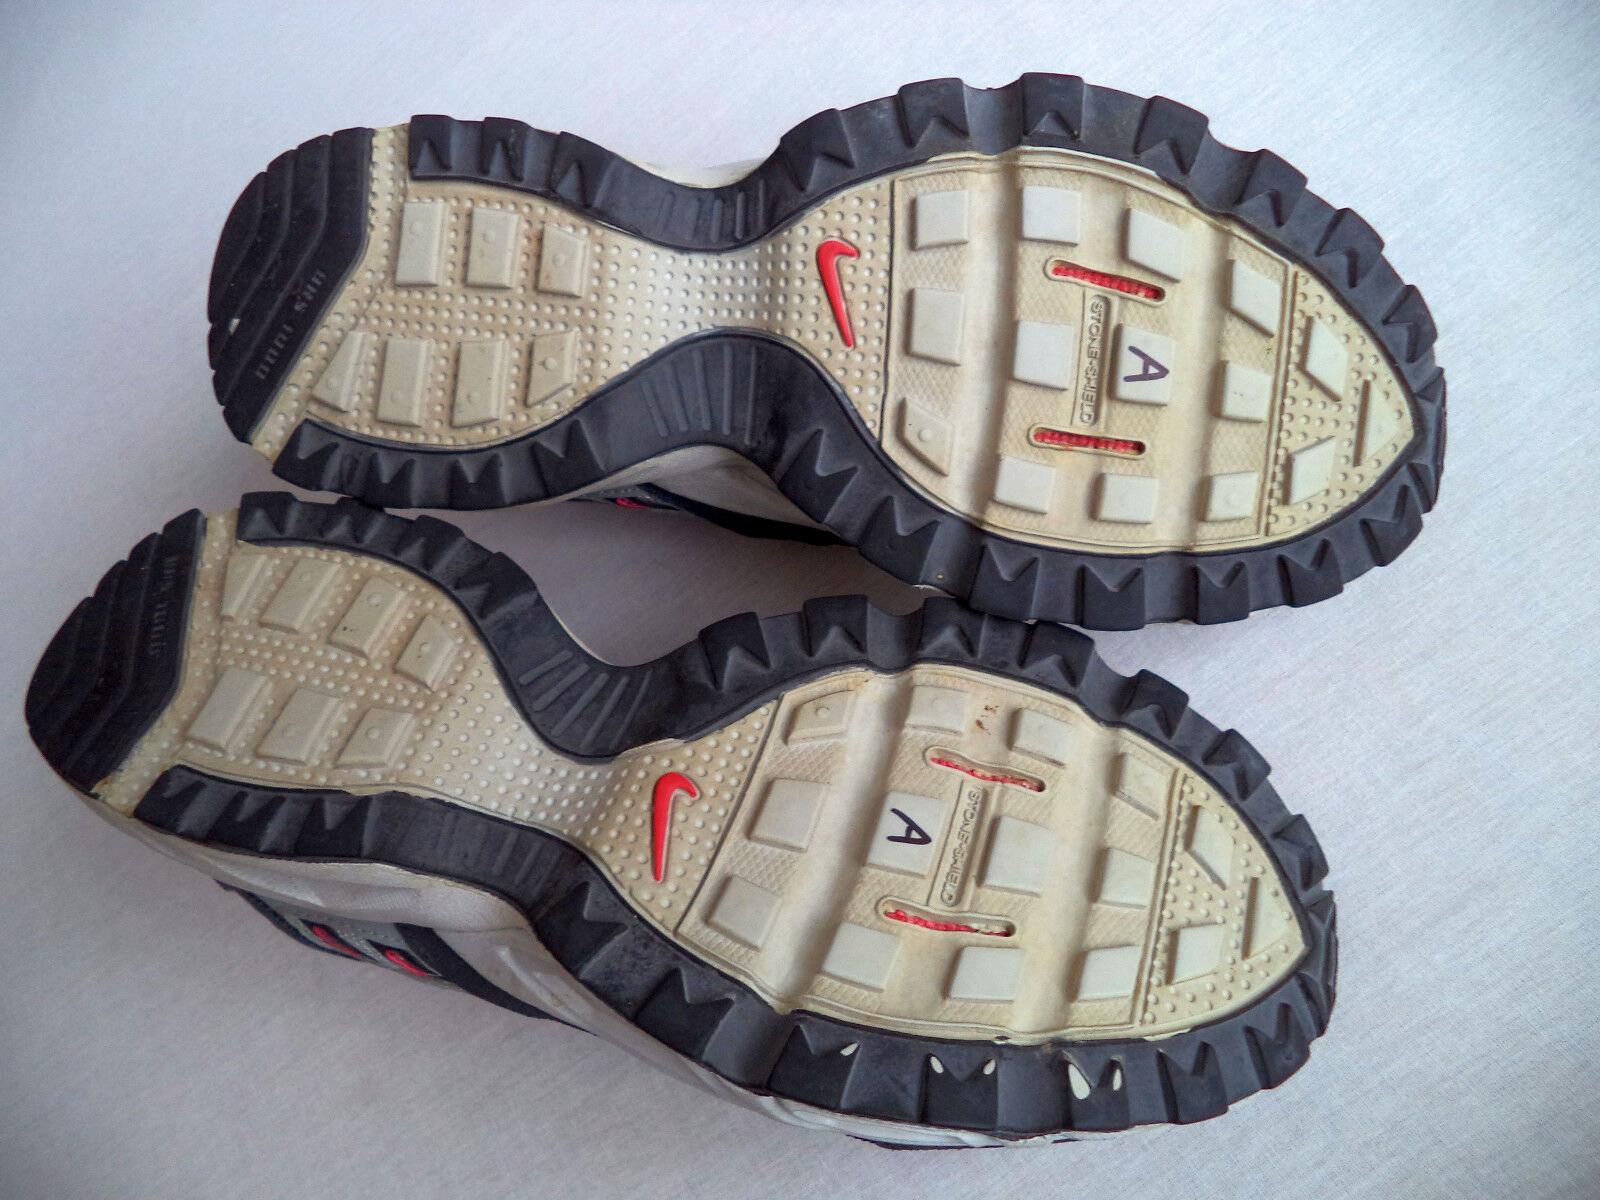 donne nike max aria scarpe da corsa sz 9,5 9,5 9,5 croce formazione paese tracce di stabilità | Durevole  | Negozio online di vendita  | acquisto speciale  | Sig/Sig Ra Scarpa  4dac15